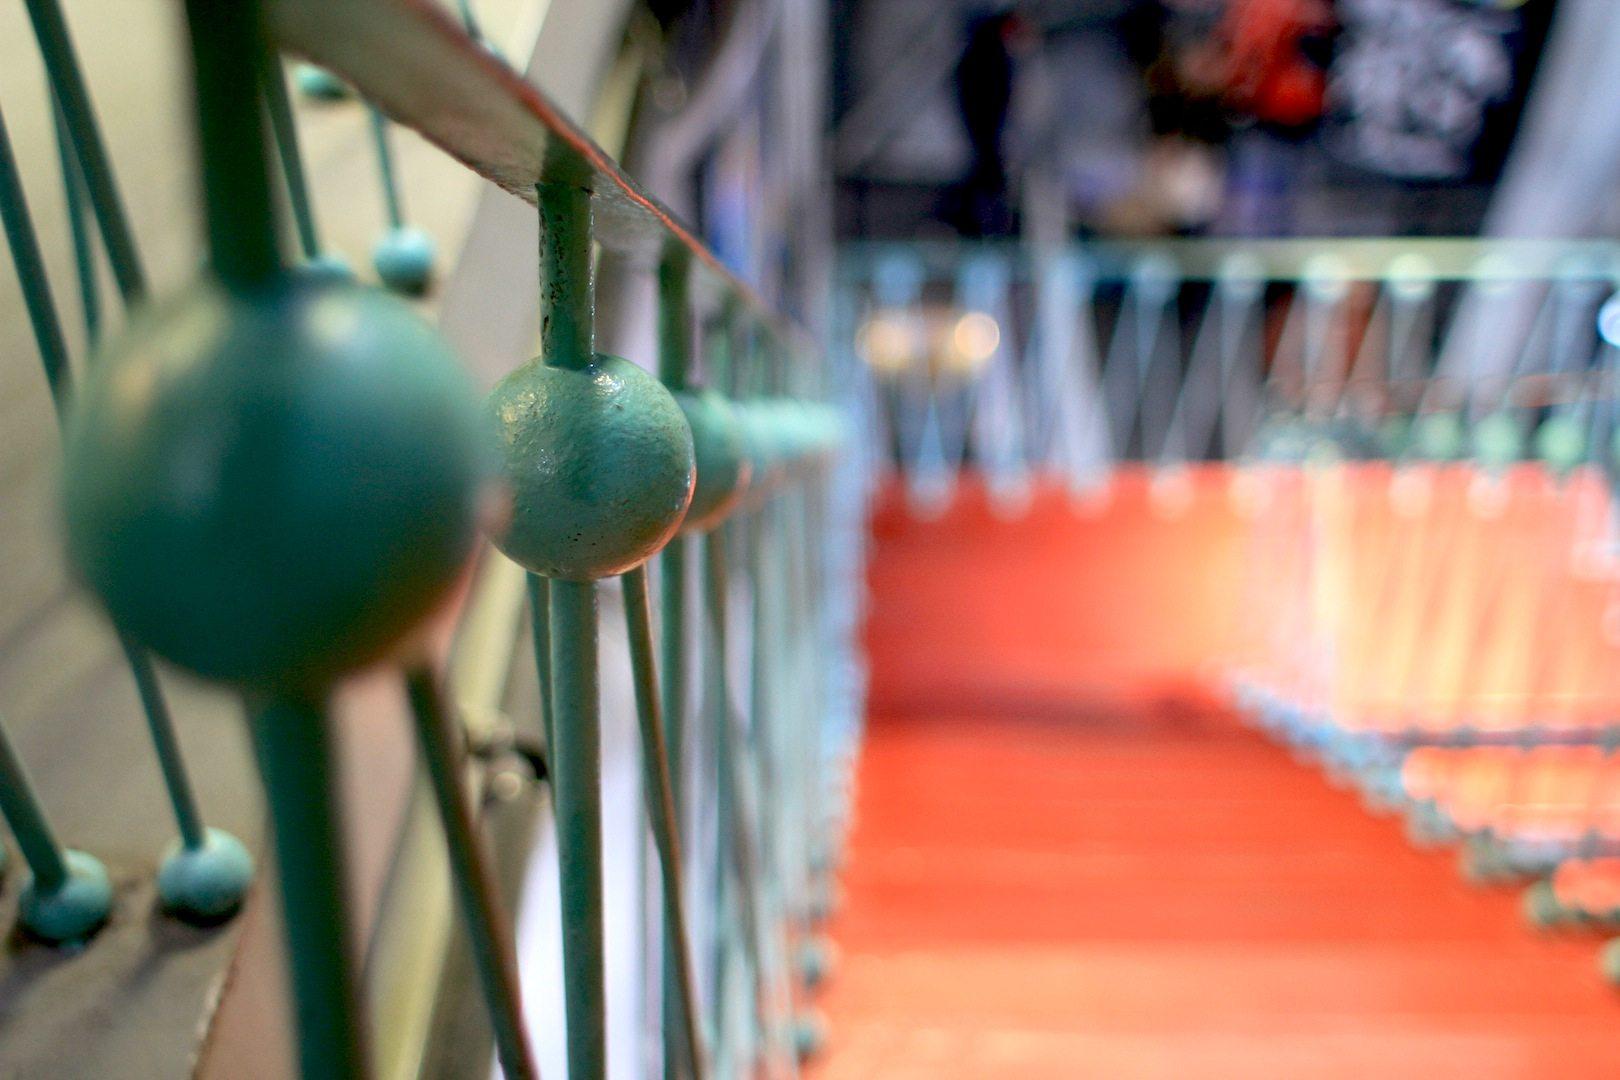 Rot-Türkis. Die roten Treppenläufe mit Geländern in hellem Türkis verbinden (neben den Rolltreppen) nicht nur die Kugeln, sondern auch einzelne Ebenen in den Kugeln.